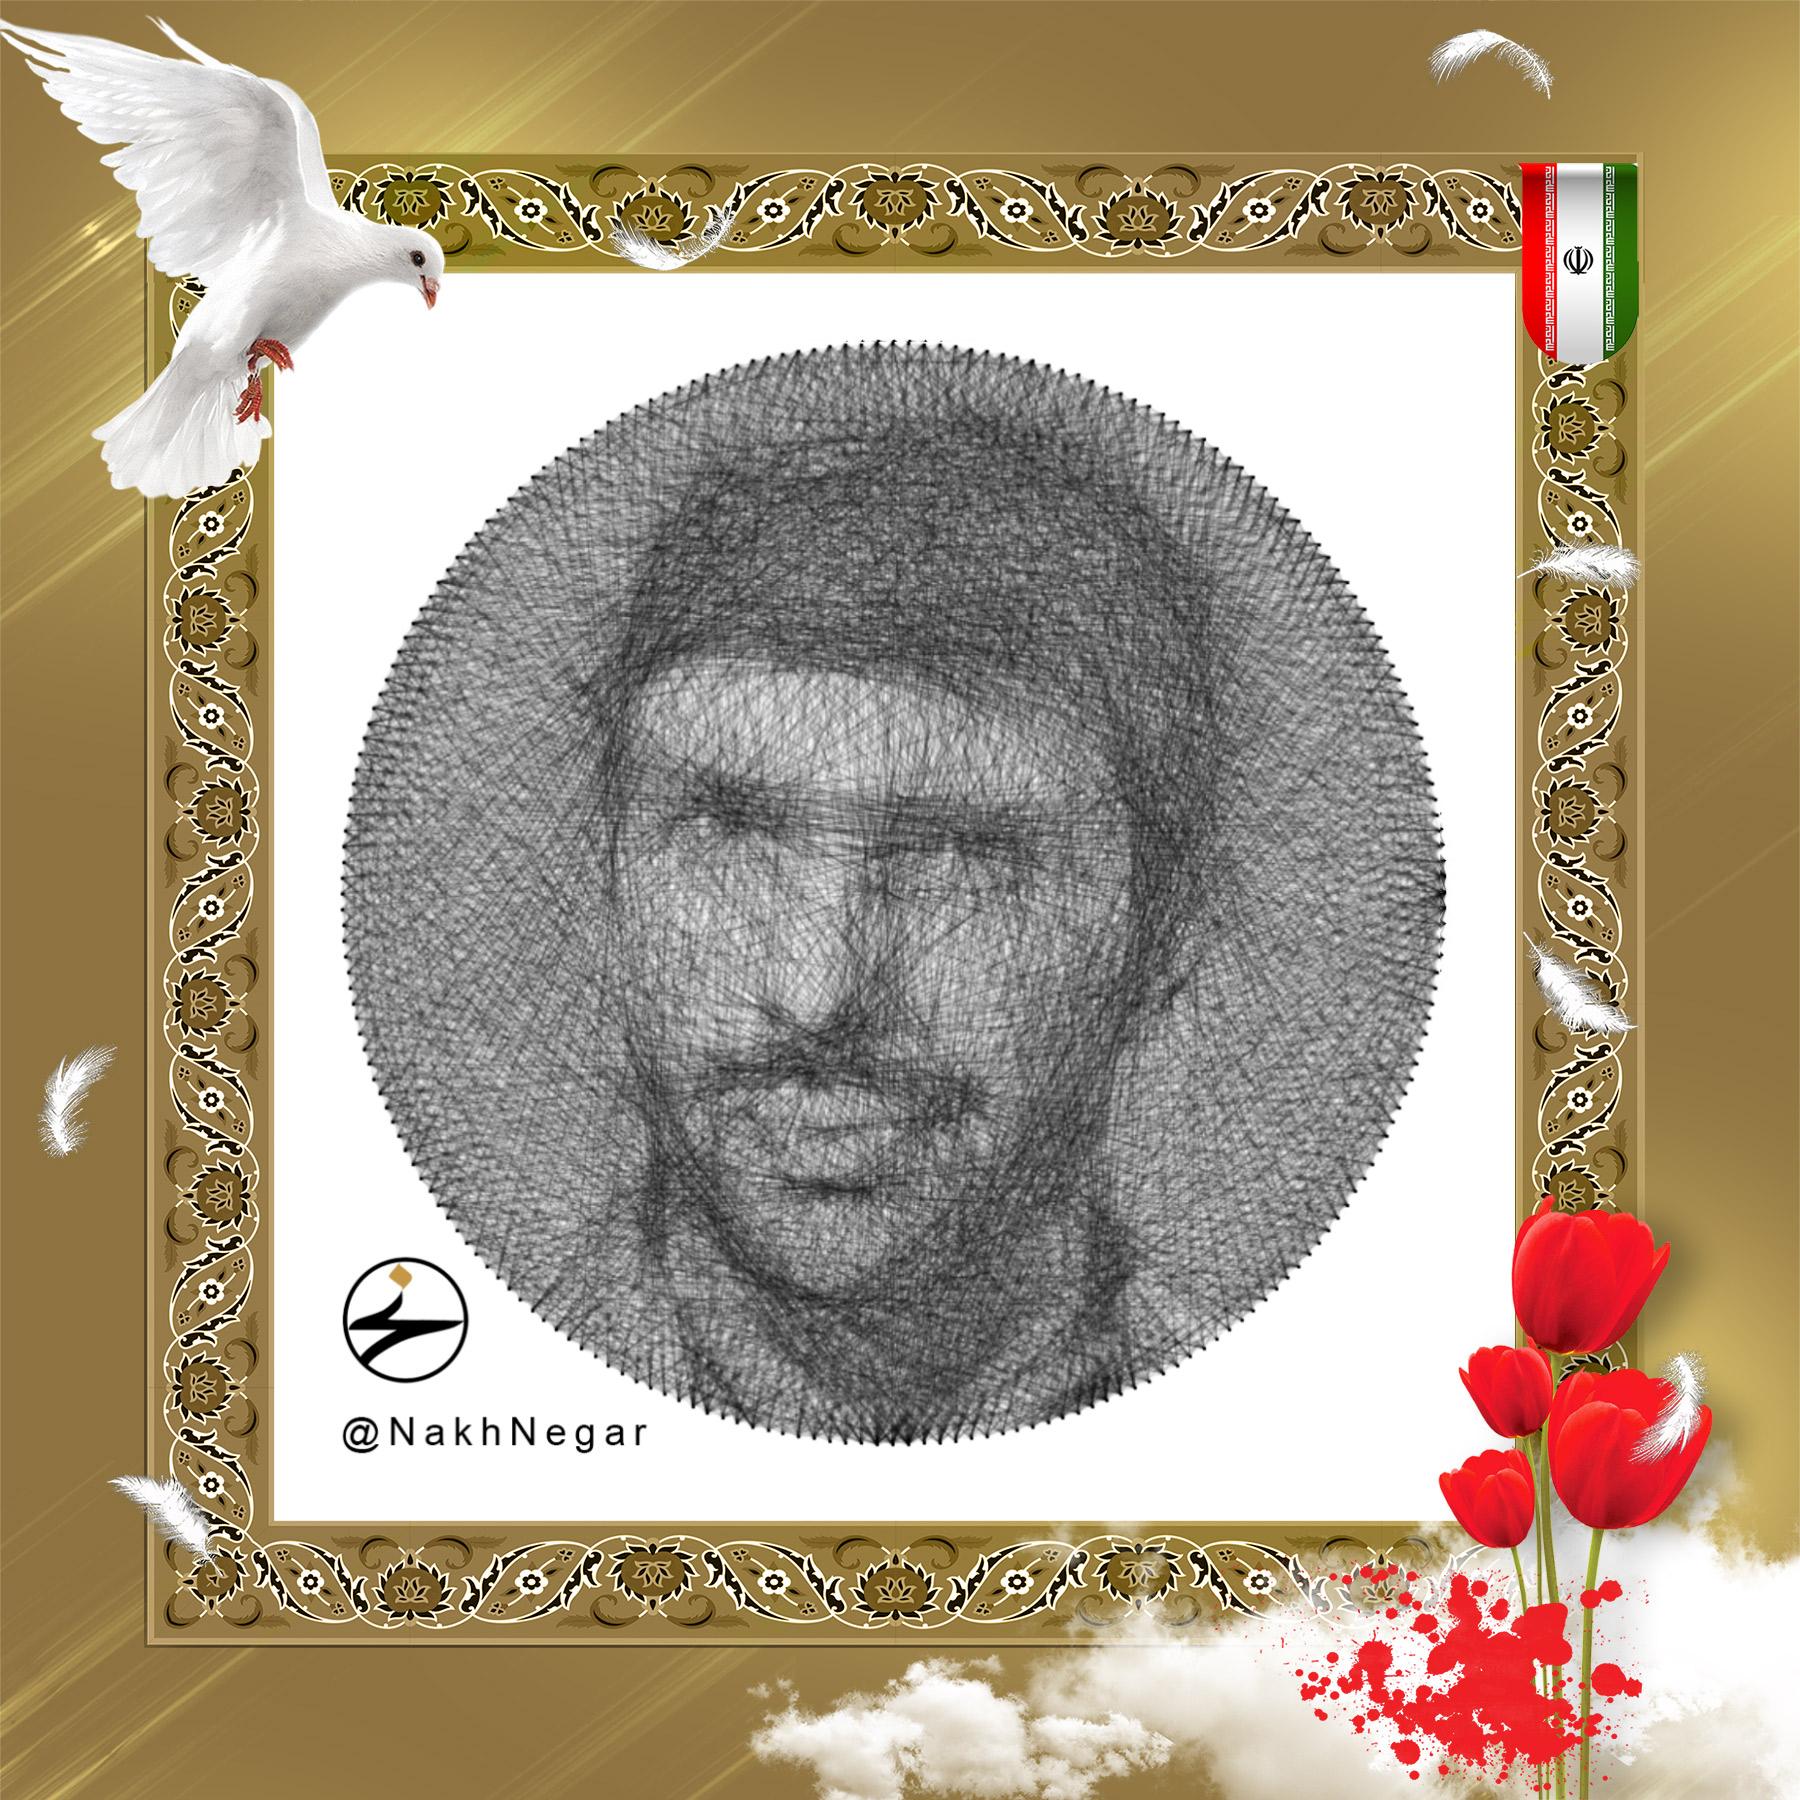 نخ نگار - تابلونخ شهید سپهبد علی صیاد شیرازی